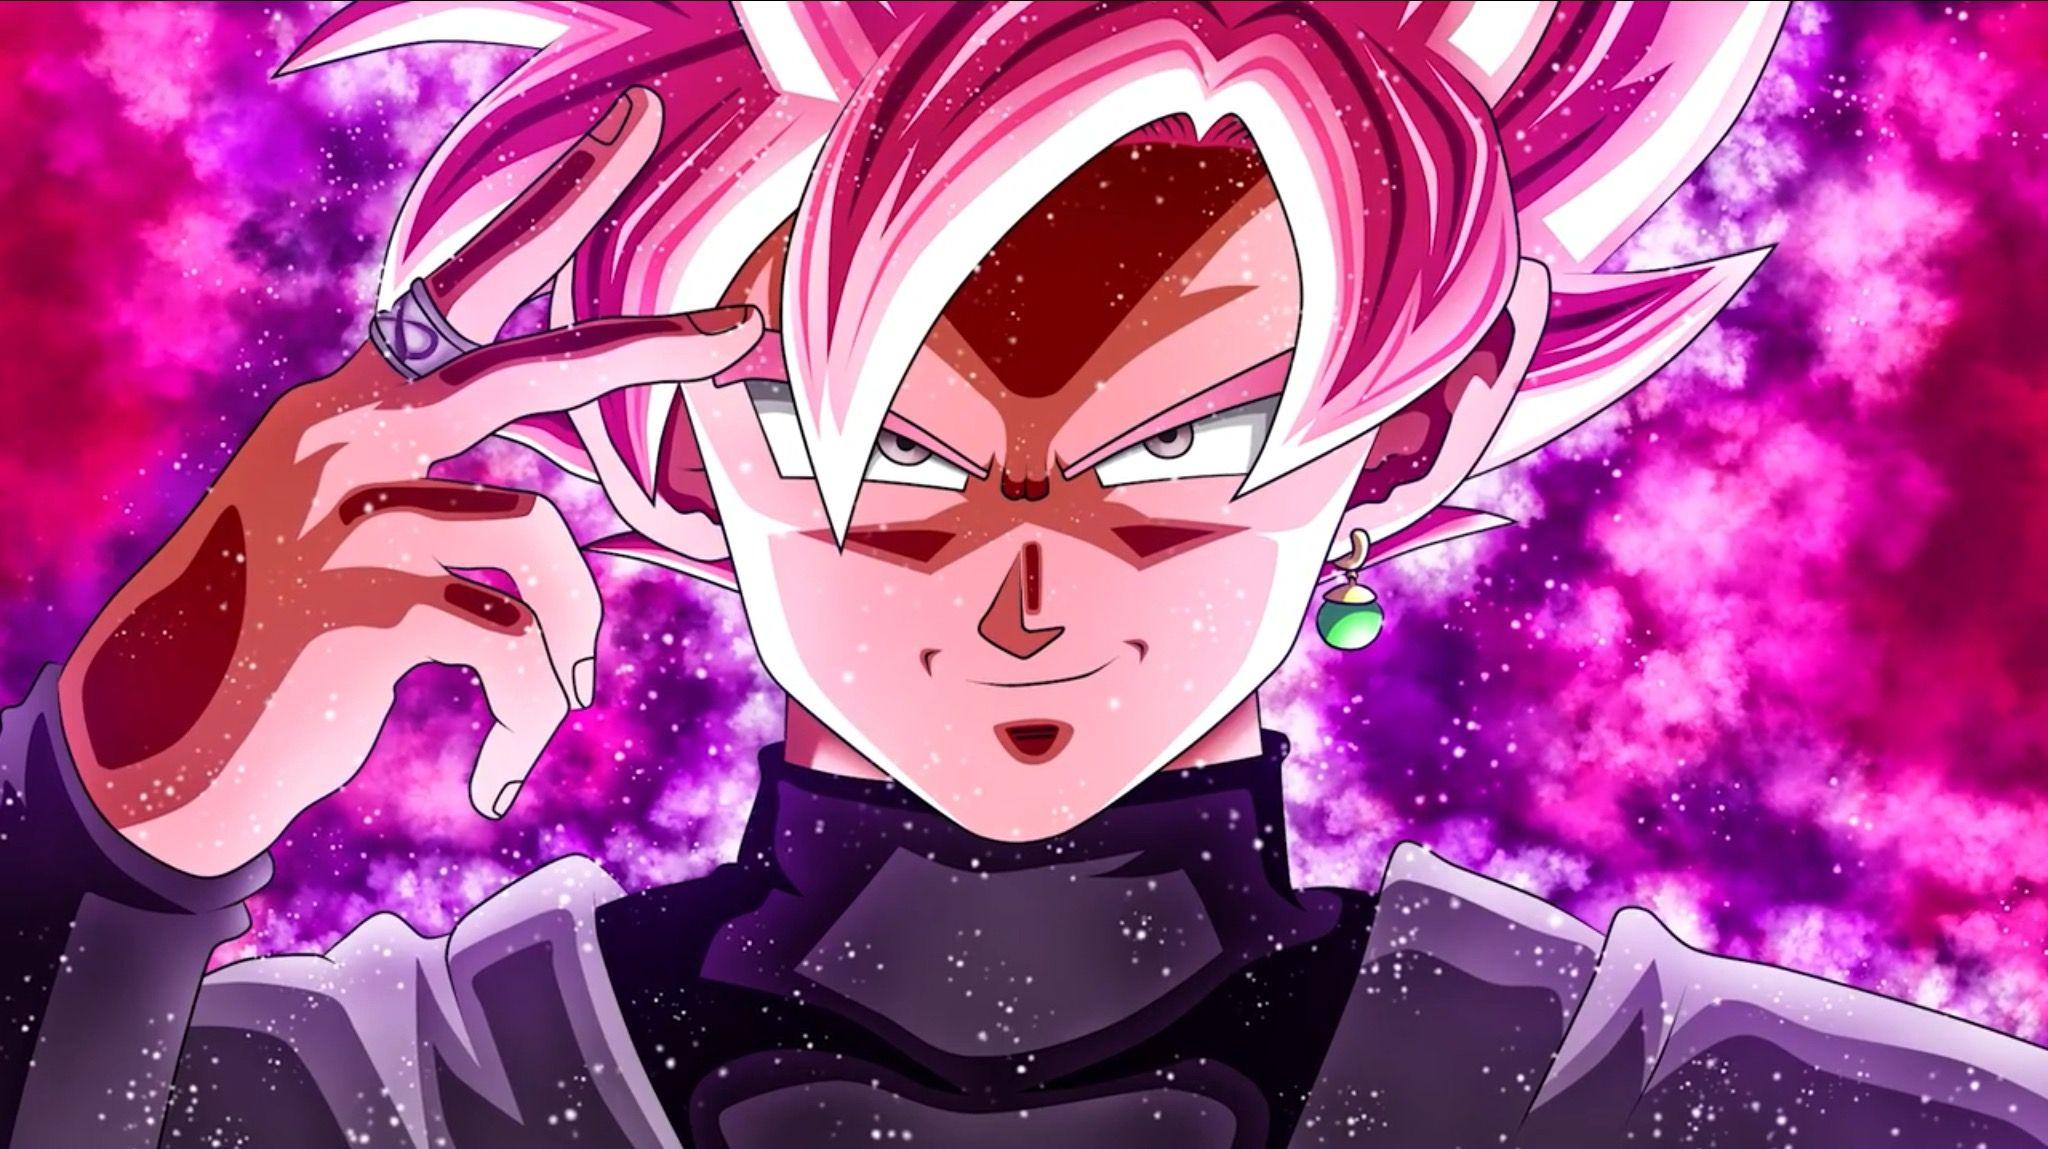 Super Saiyan Rośe Goku Black Goku Wallpaper Dragon Ball